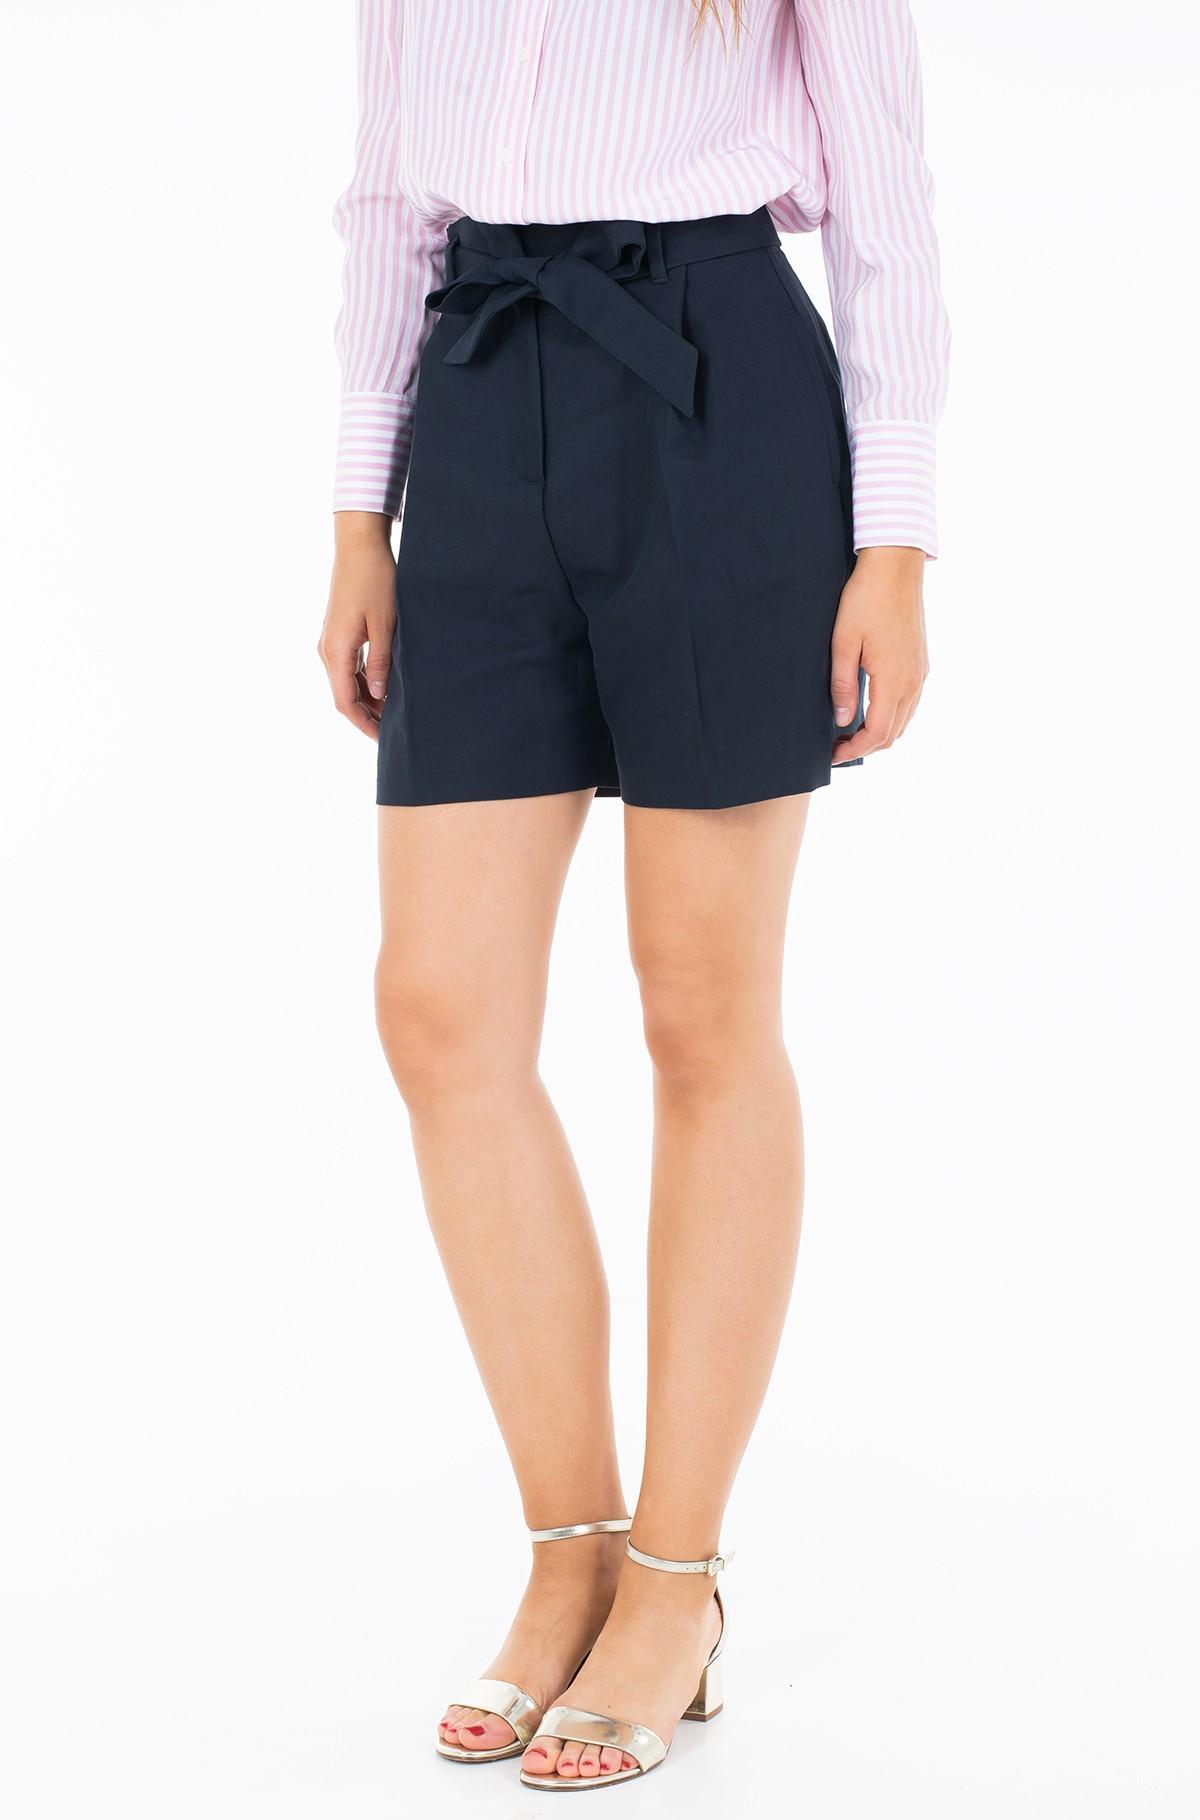 Lühikesed püksid CAROLINA HW BERMUDA-full-1